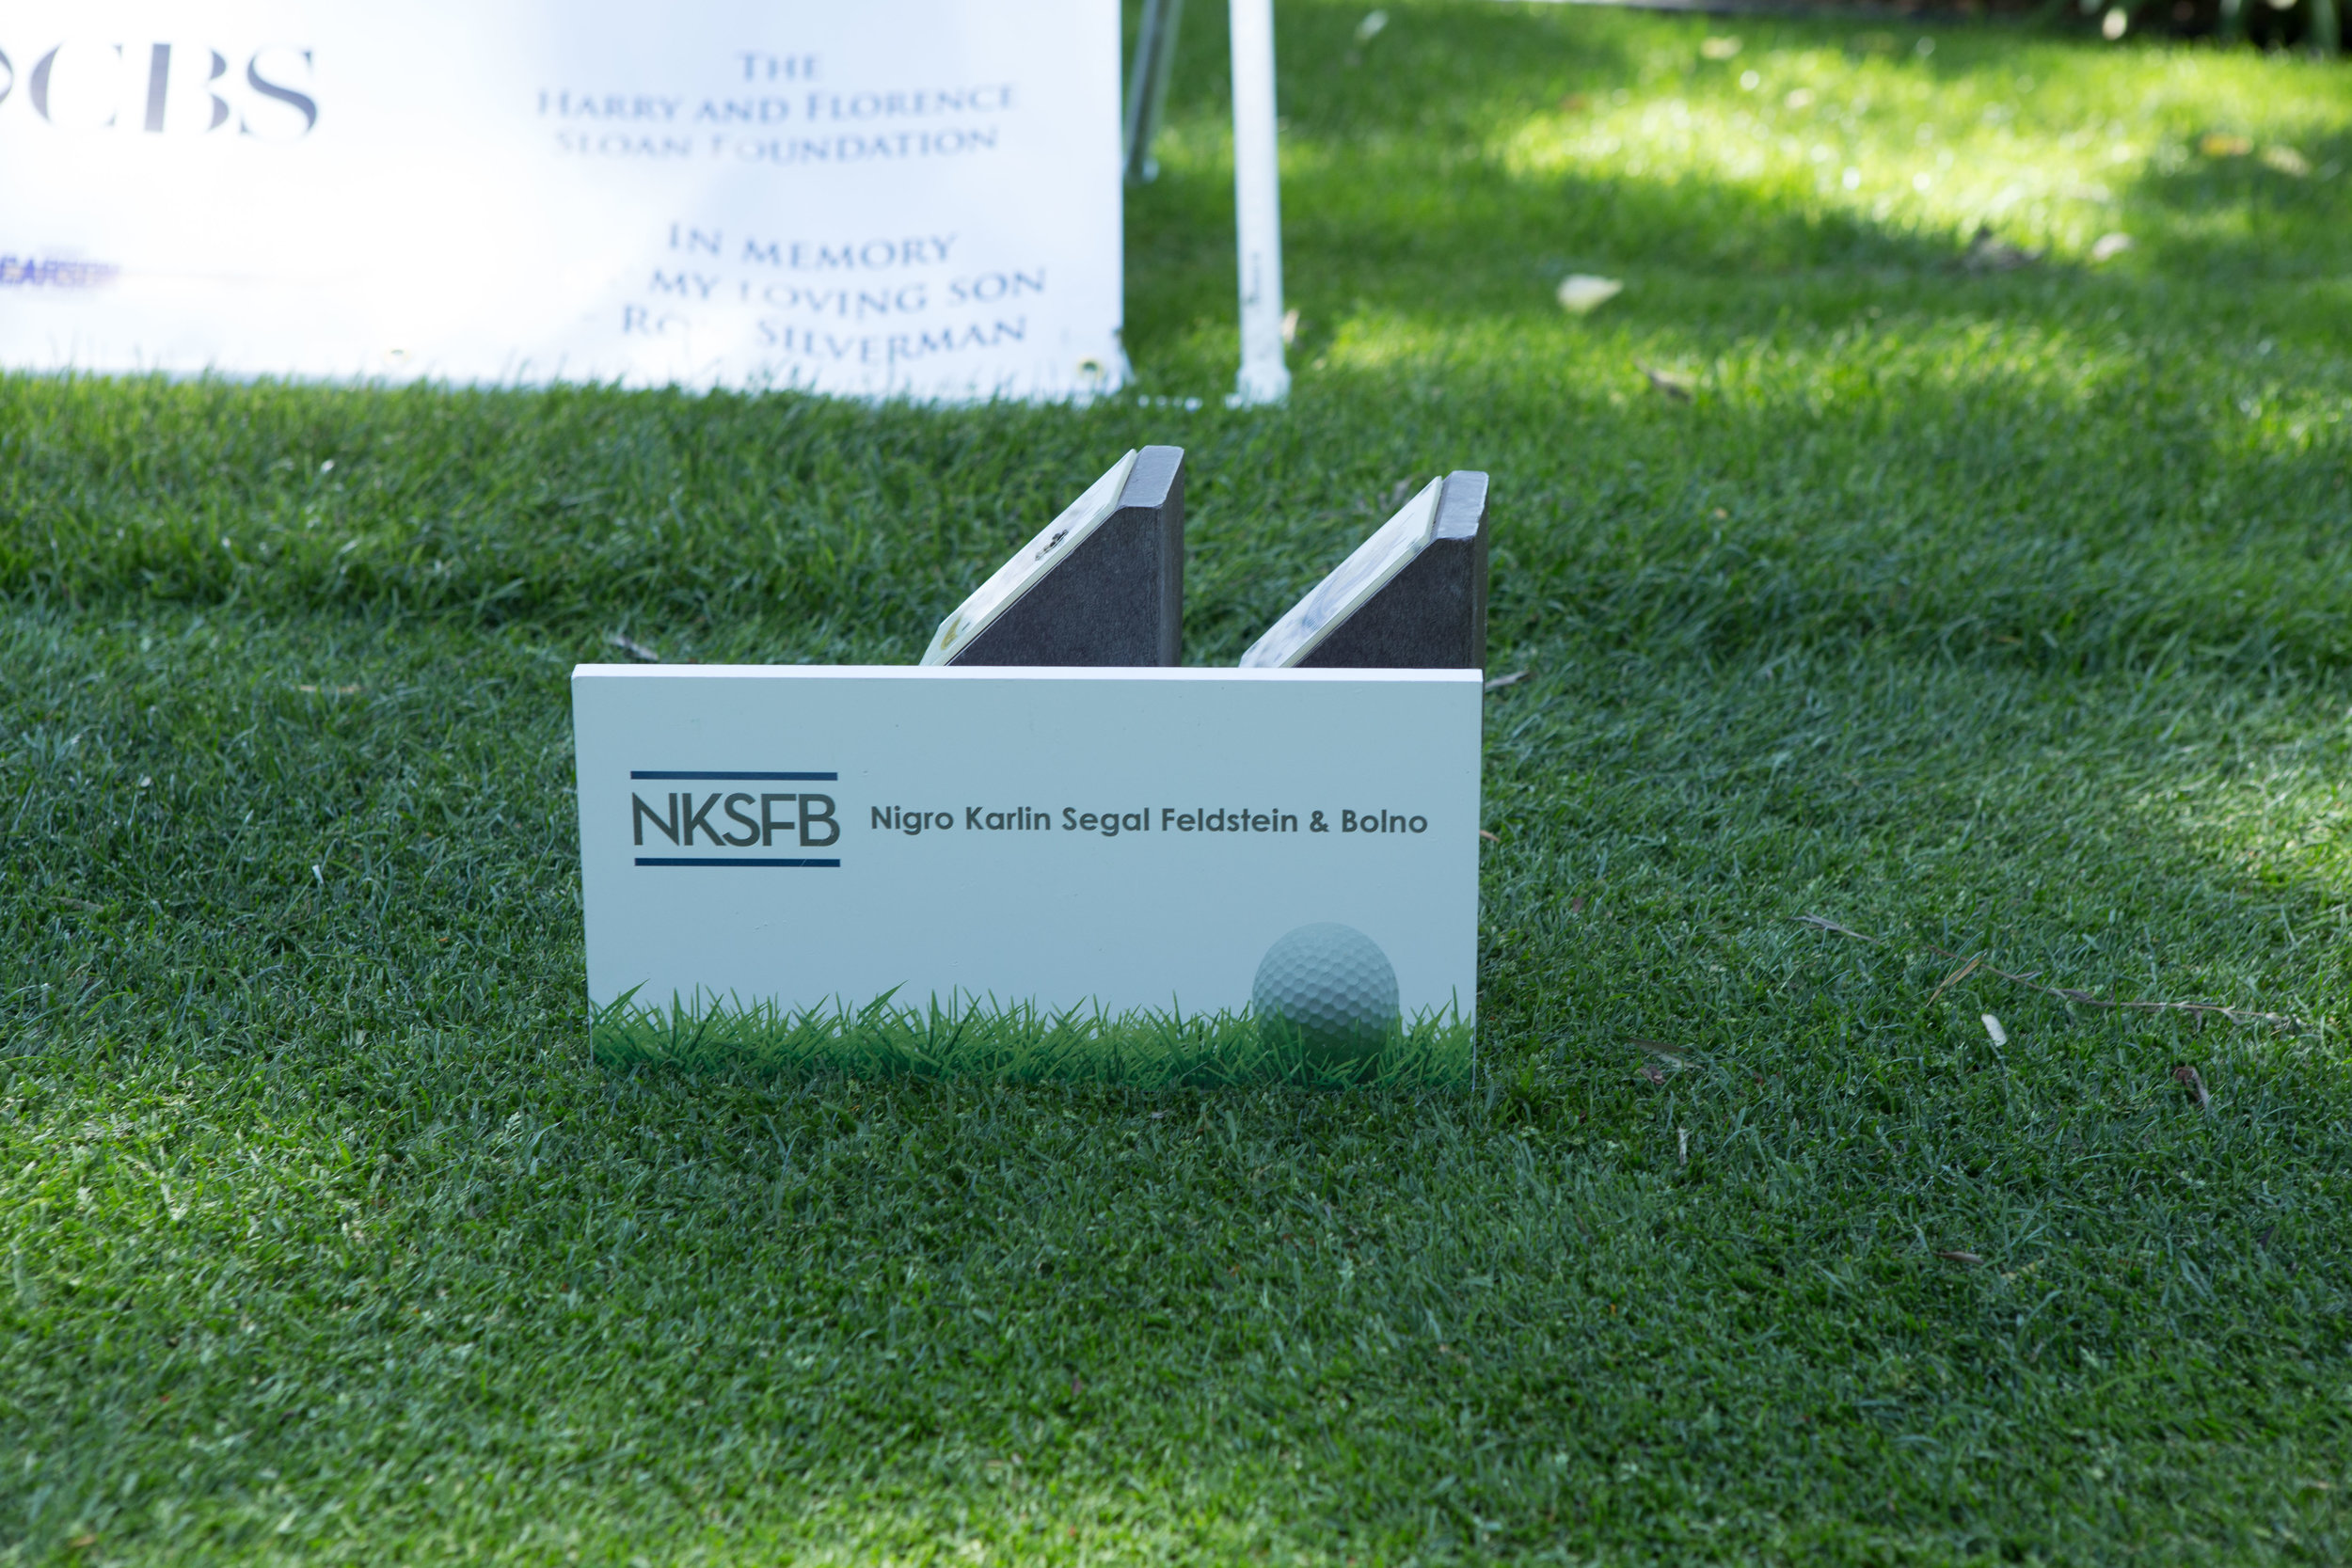 IMG_7903-SPONSOR SIGN-NKSFB.jpg